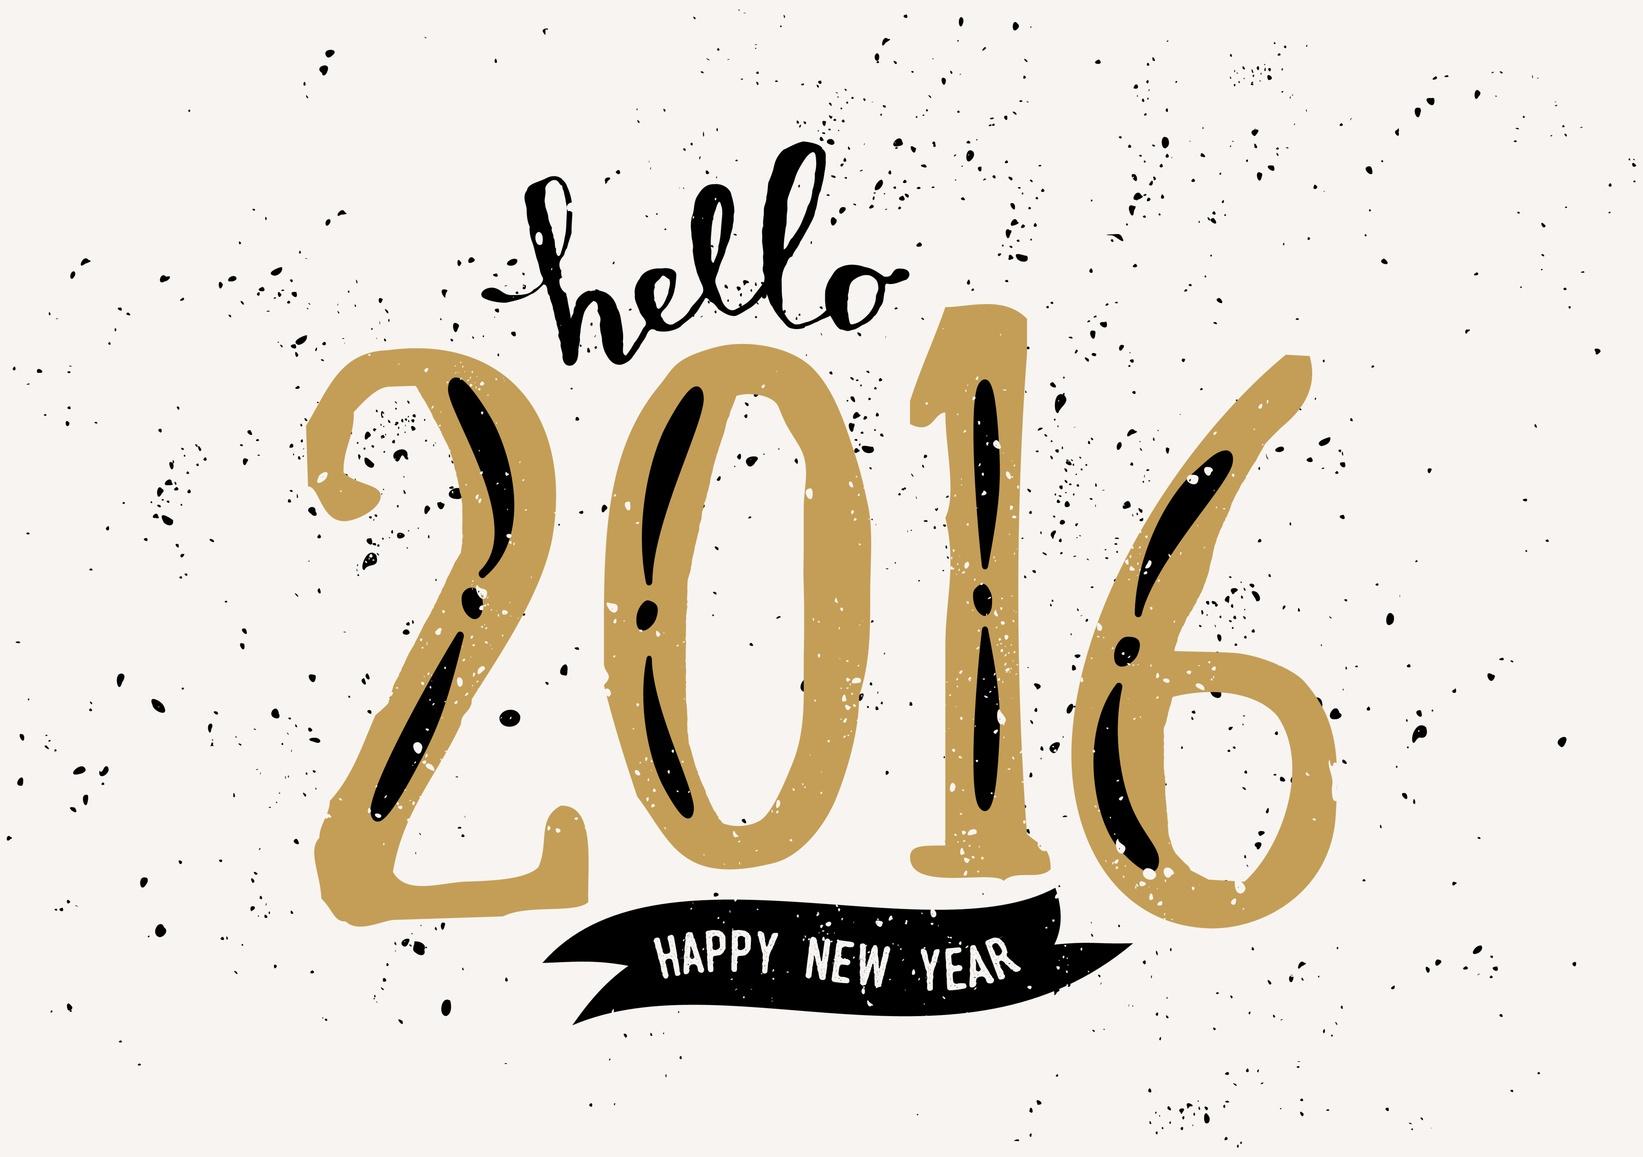 Hello 2016. Happy New Year